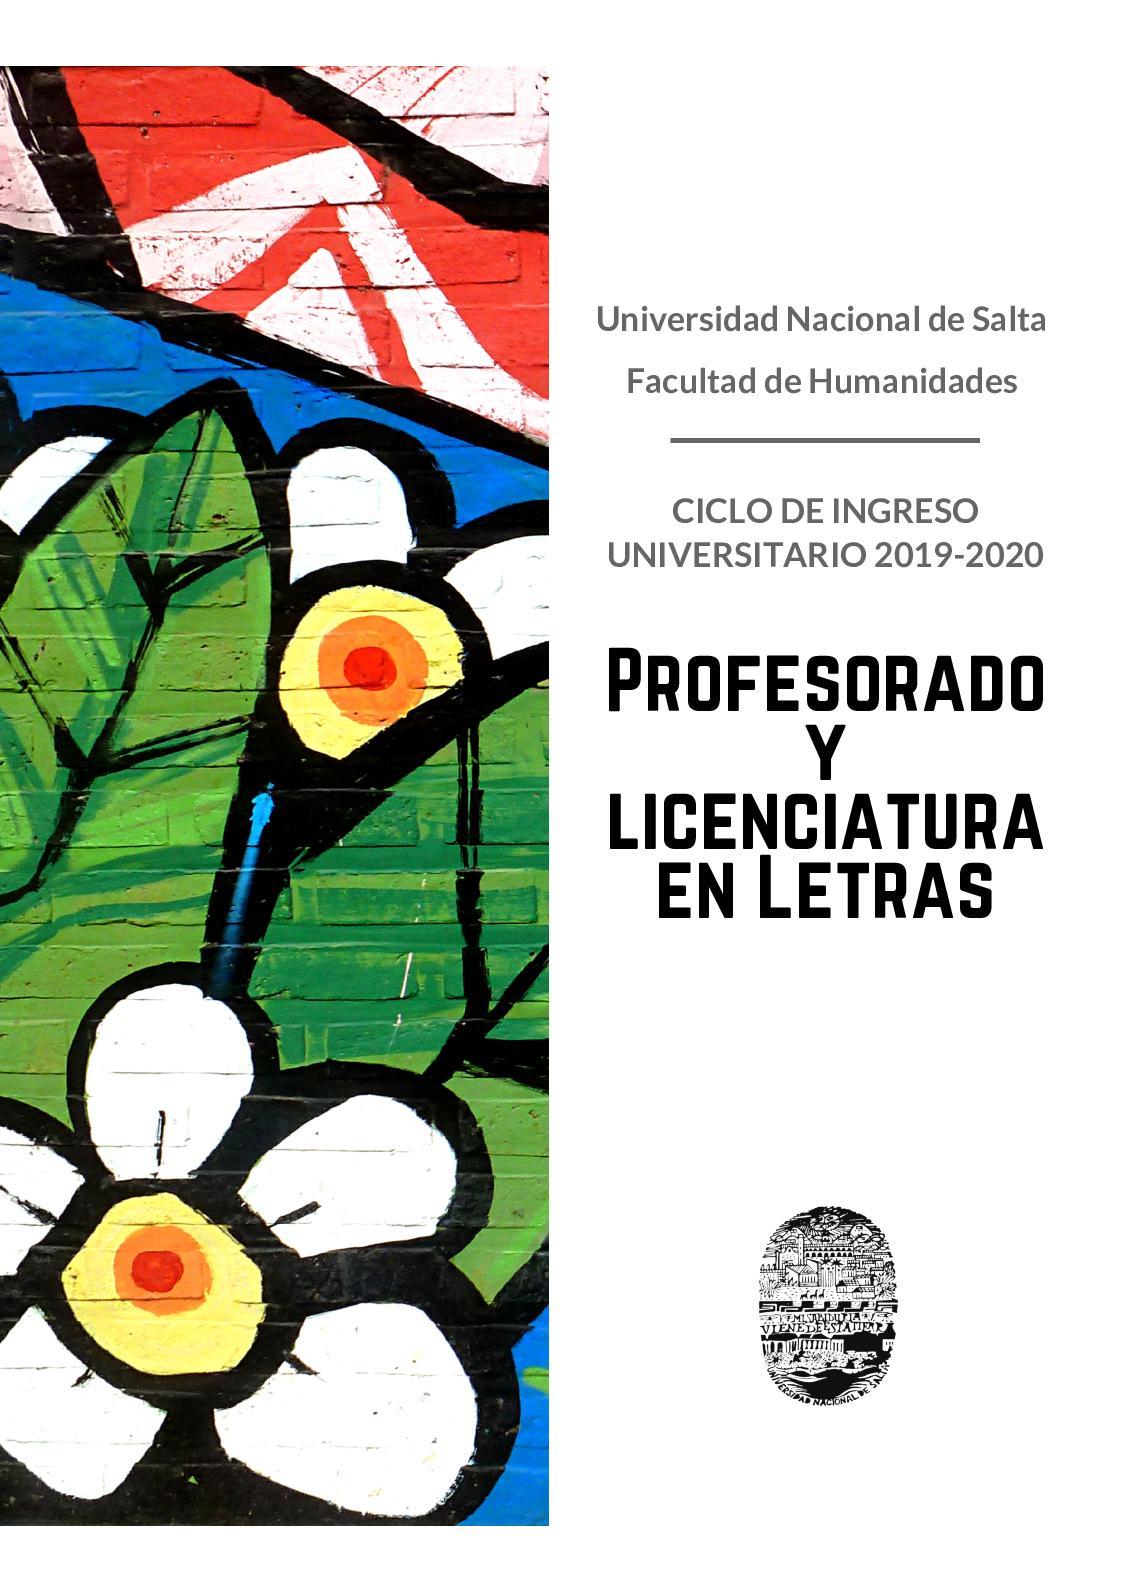 Blanco De Madera Silla Con Rojo Y Blanco Cuadros Asiento Acolchado 1.12 Escala